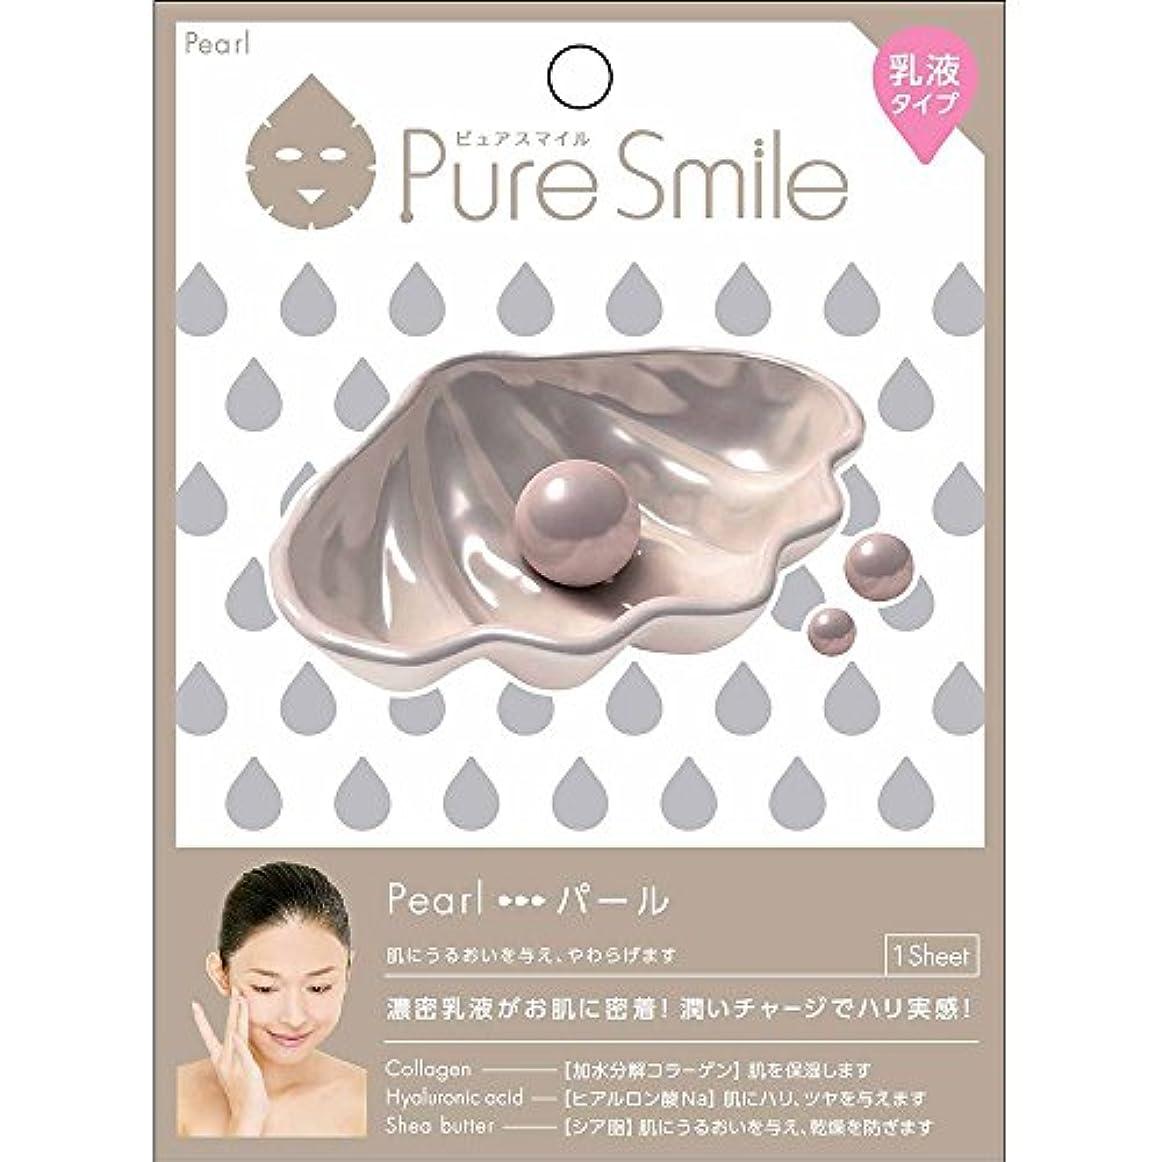 保安剛性動作Pure Smile(ピュアスマイル) 乳液エッセンスマスク 1 枚 パール